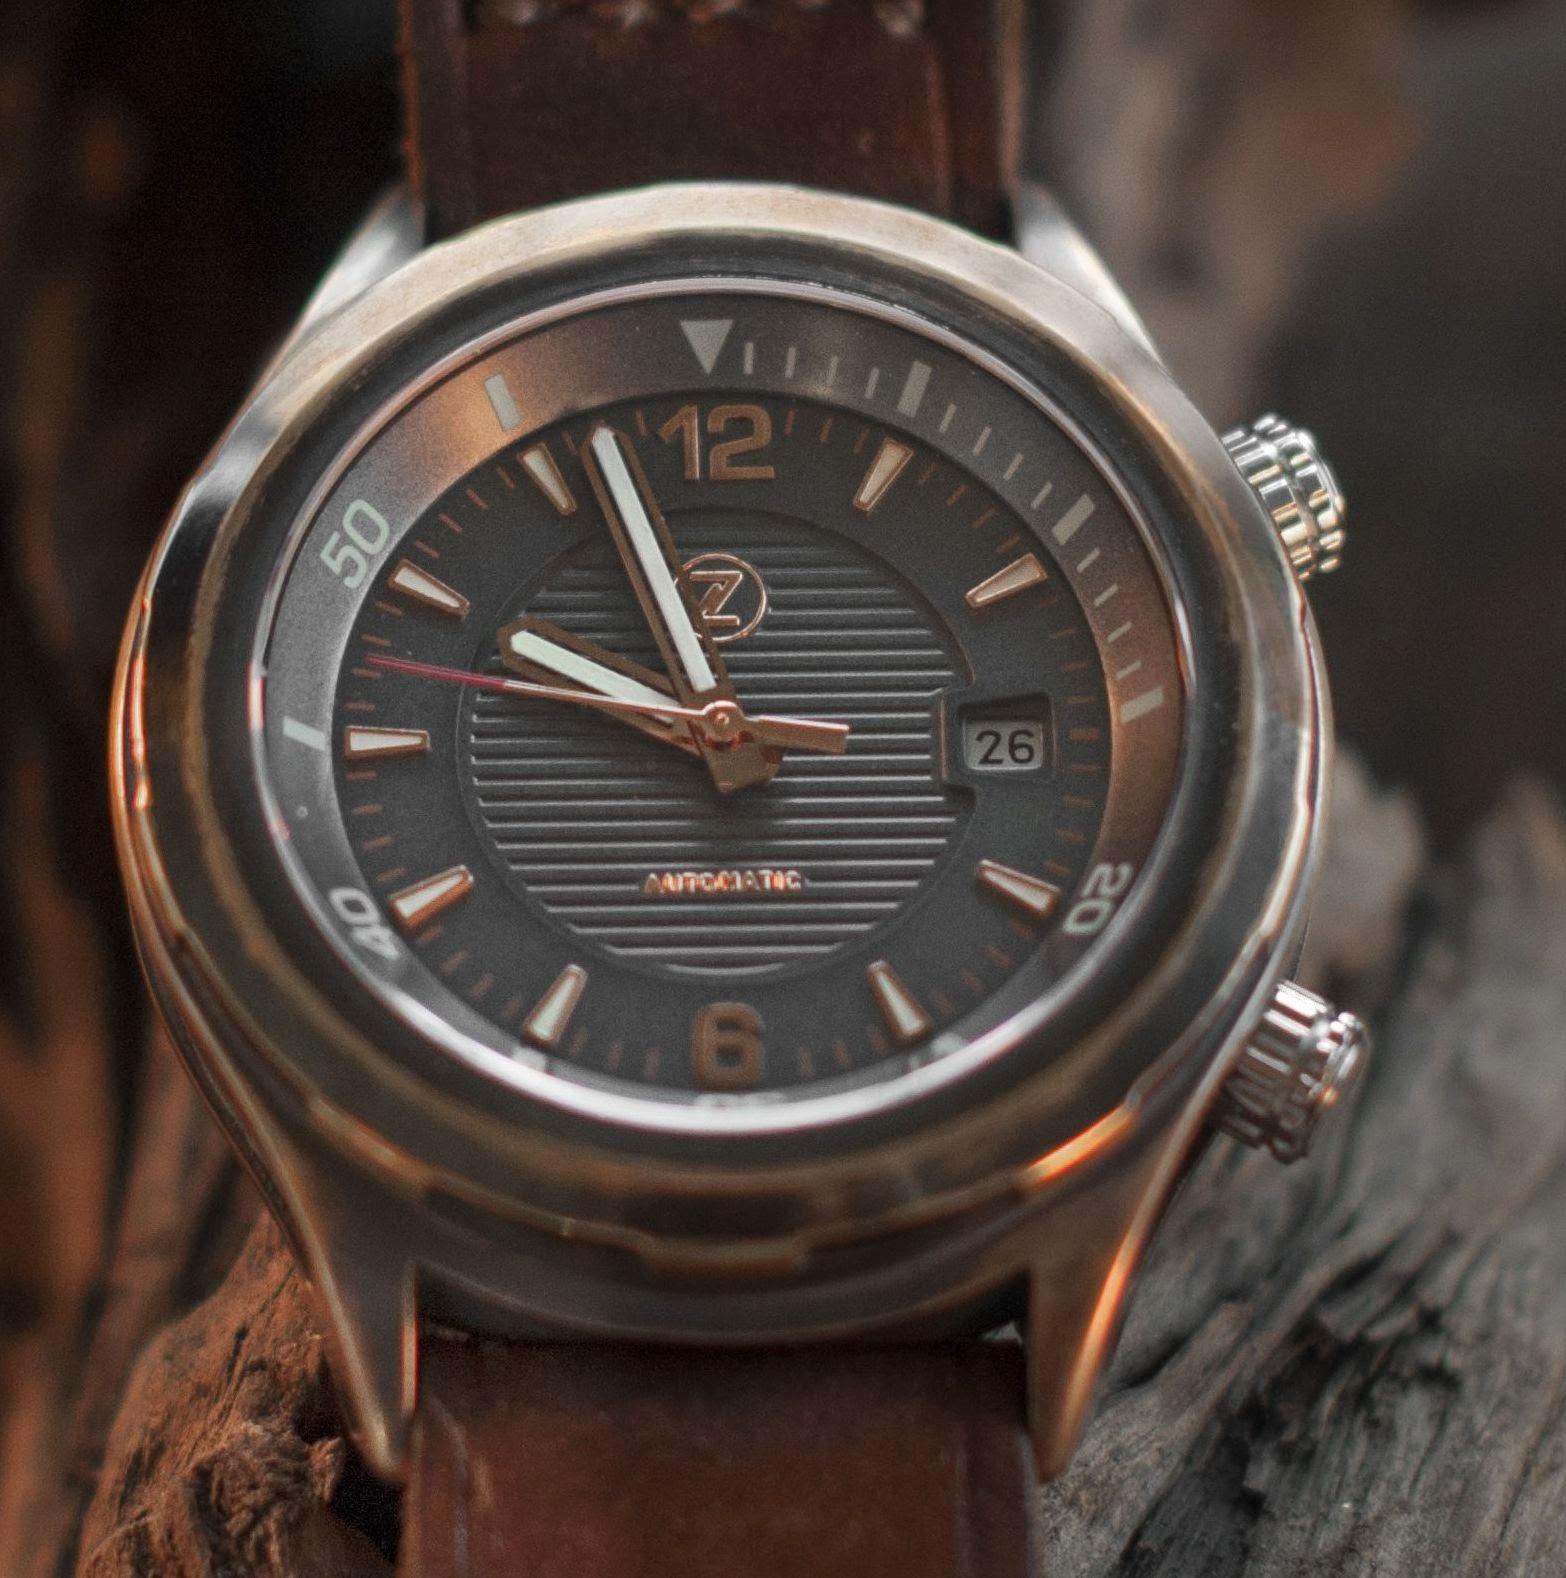 Zelos Helmsman watch with date display